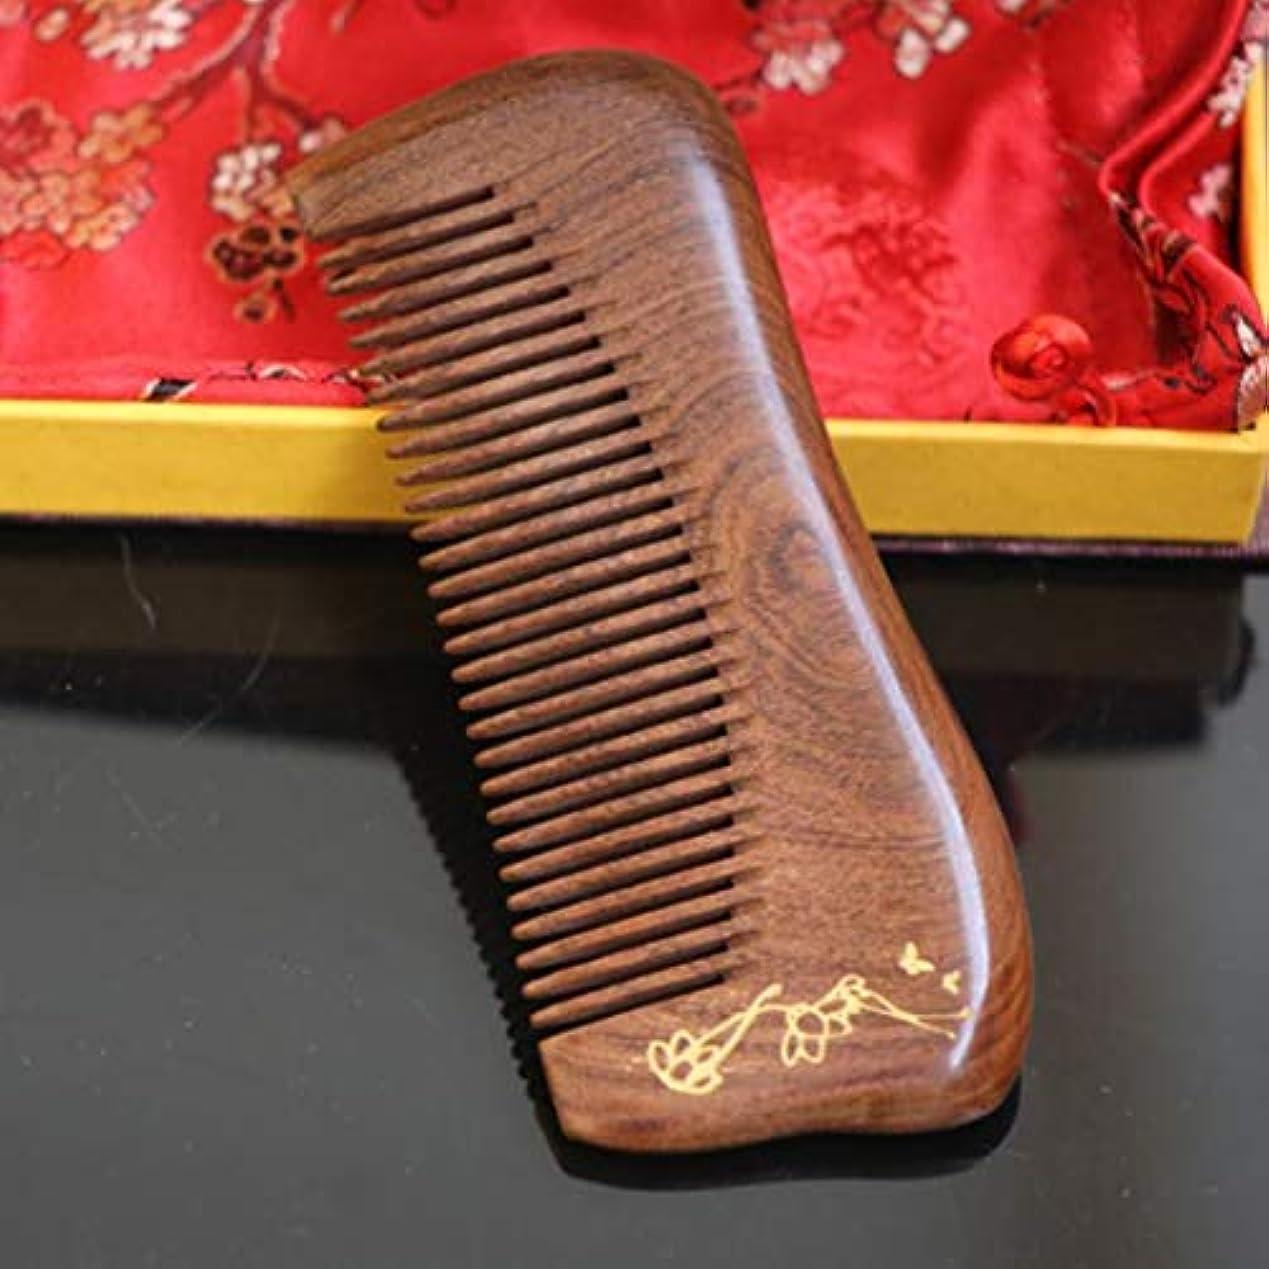 魅力チャンピオン行く白檀の毛の櫛 - 様々なスタイルはギフト用の箱と、頭髪のための密な歯の櫛の帯電防止ヘアブラシを握り ヘアケア (Design : C)